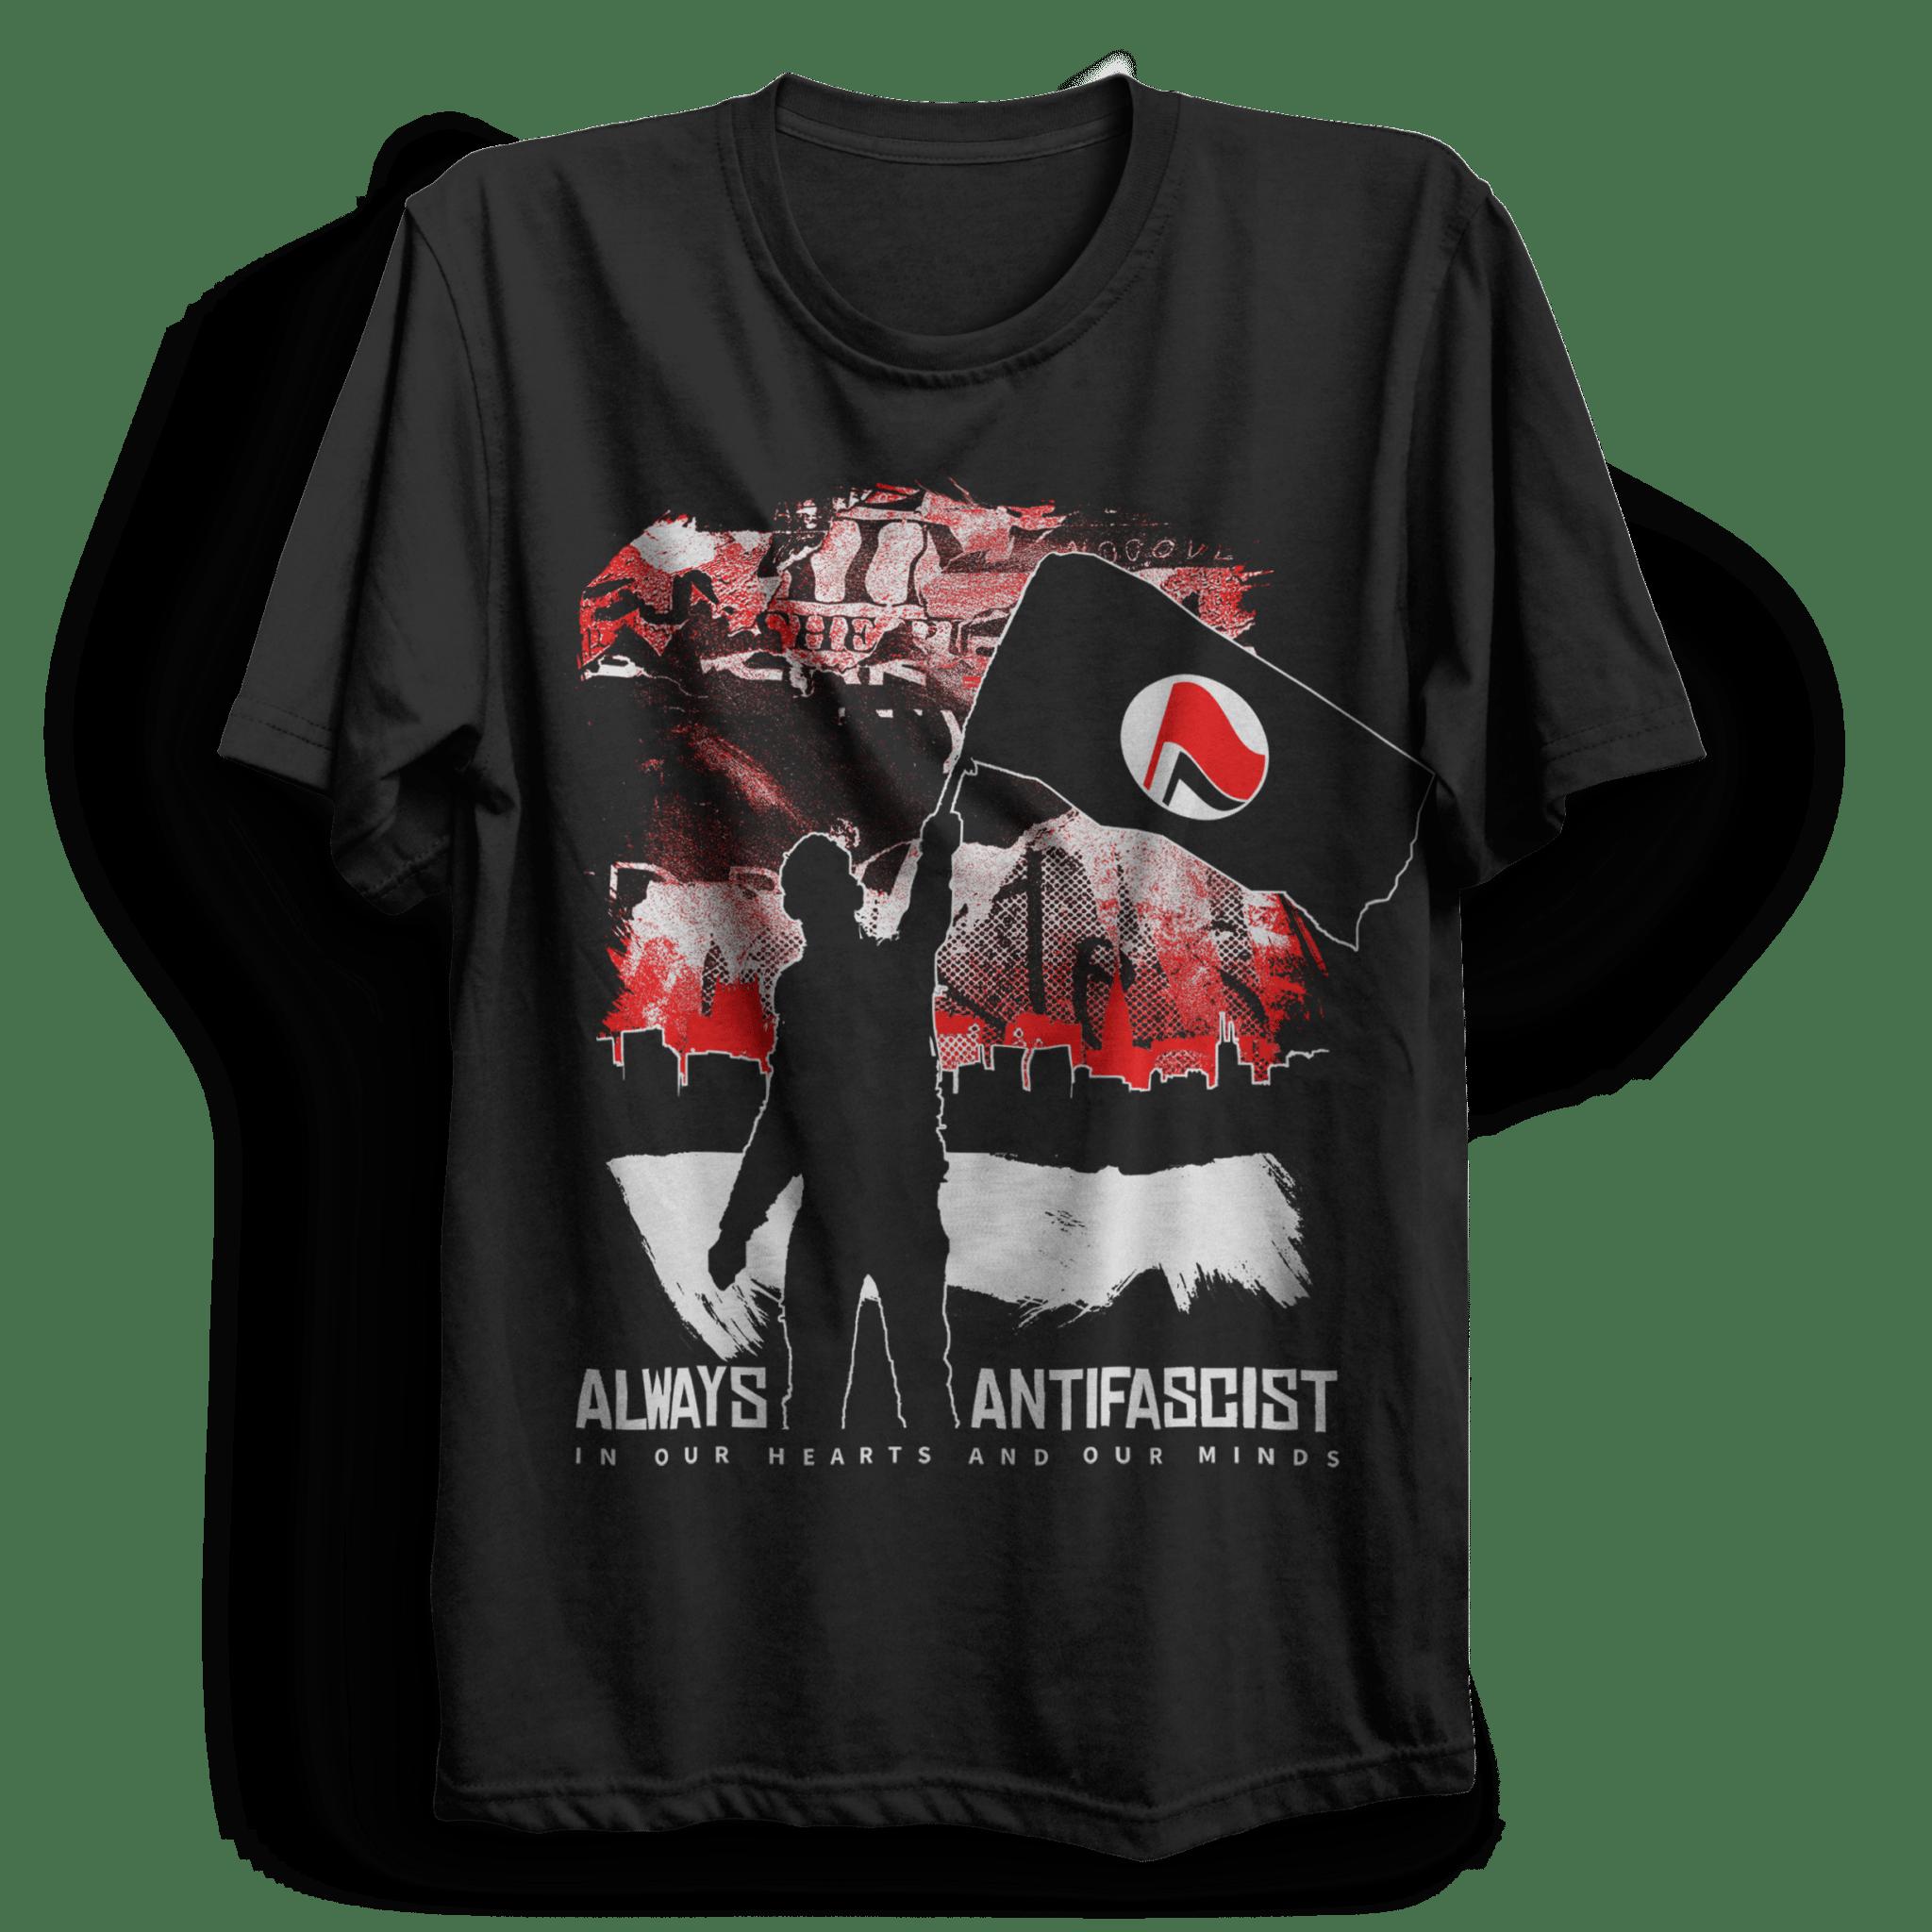 antifascist-1